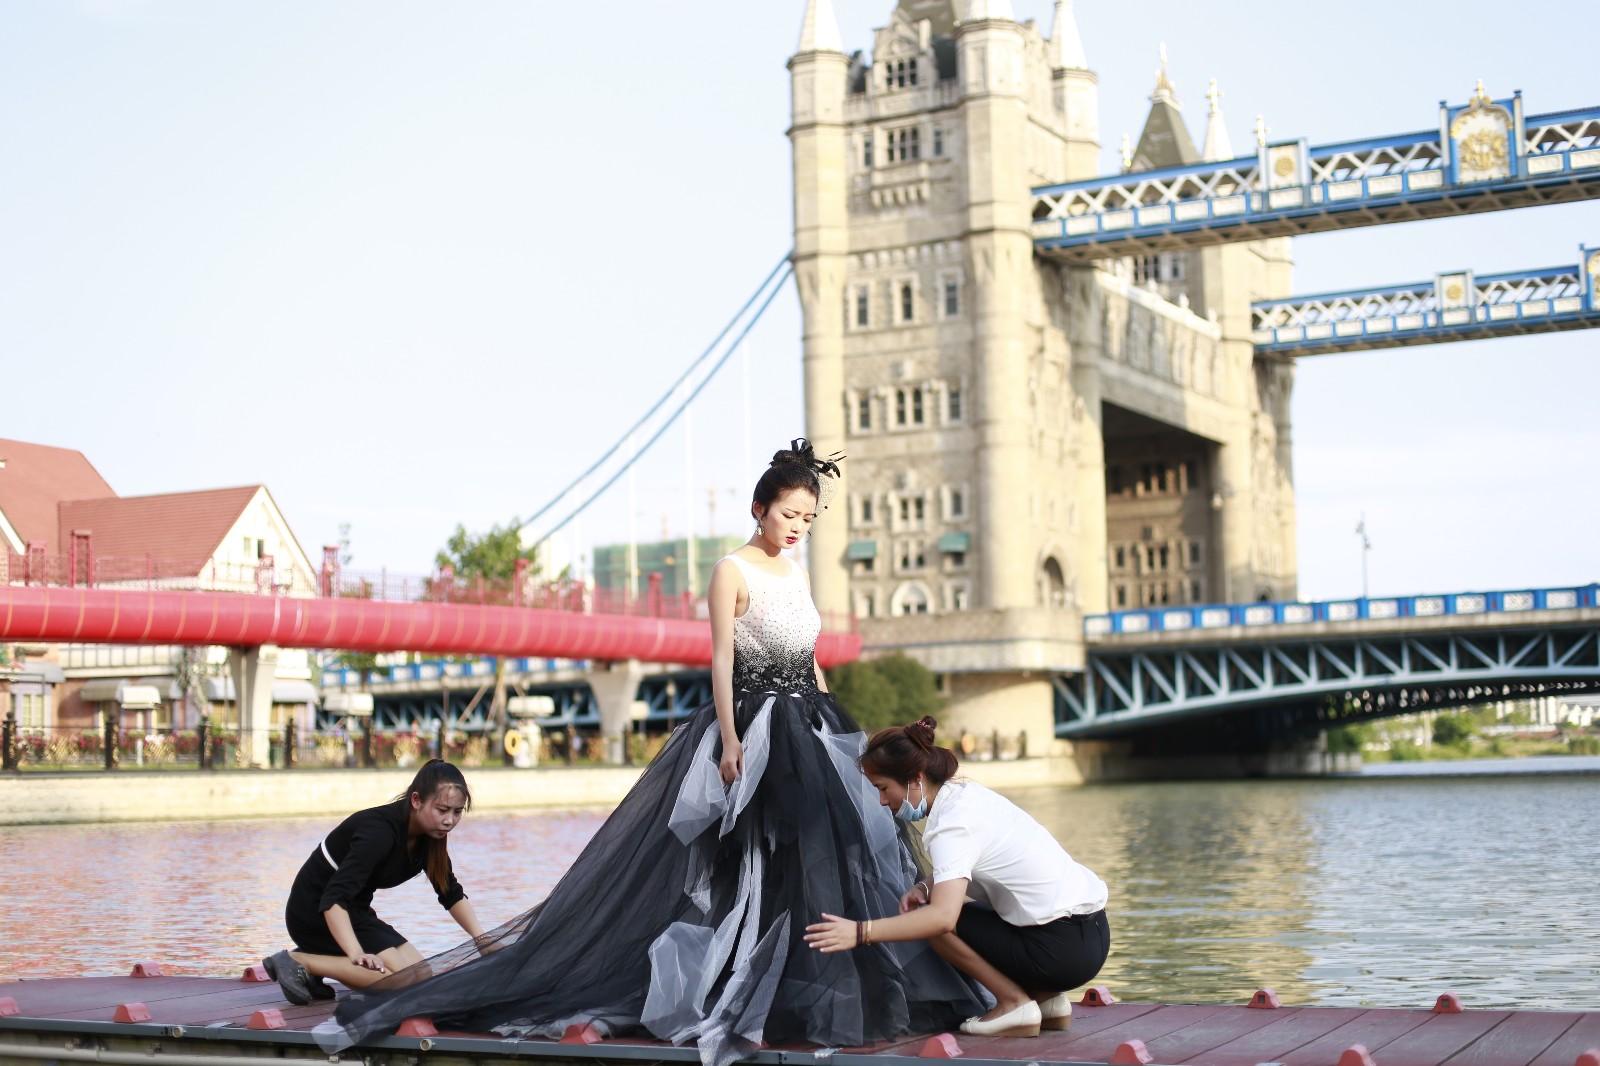 苏州小外滩山寨版伦敦桥拍婚纱的扎堆 年拍摄量可达20图片